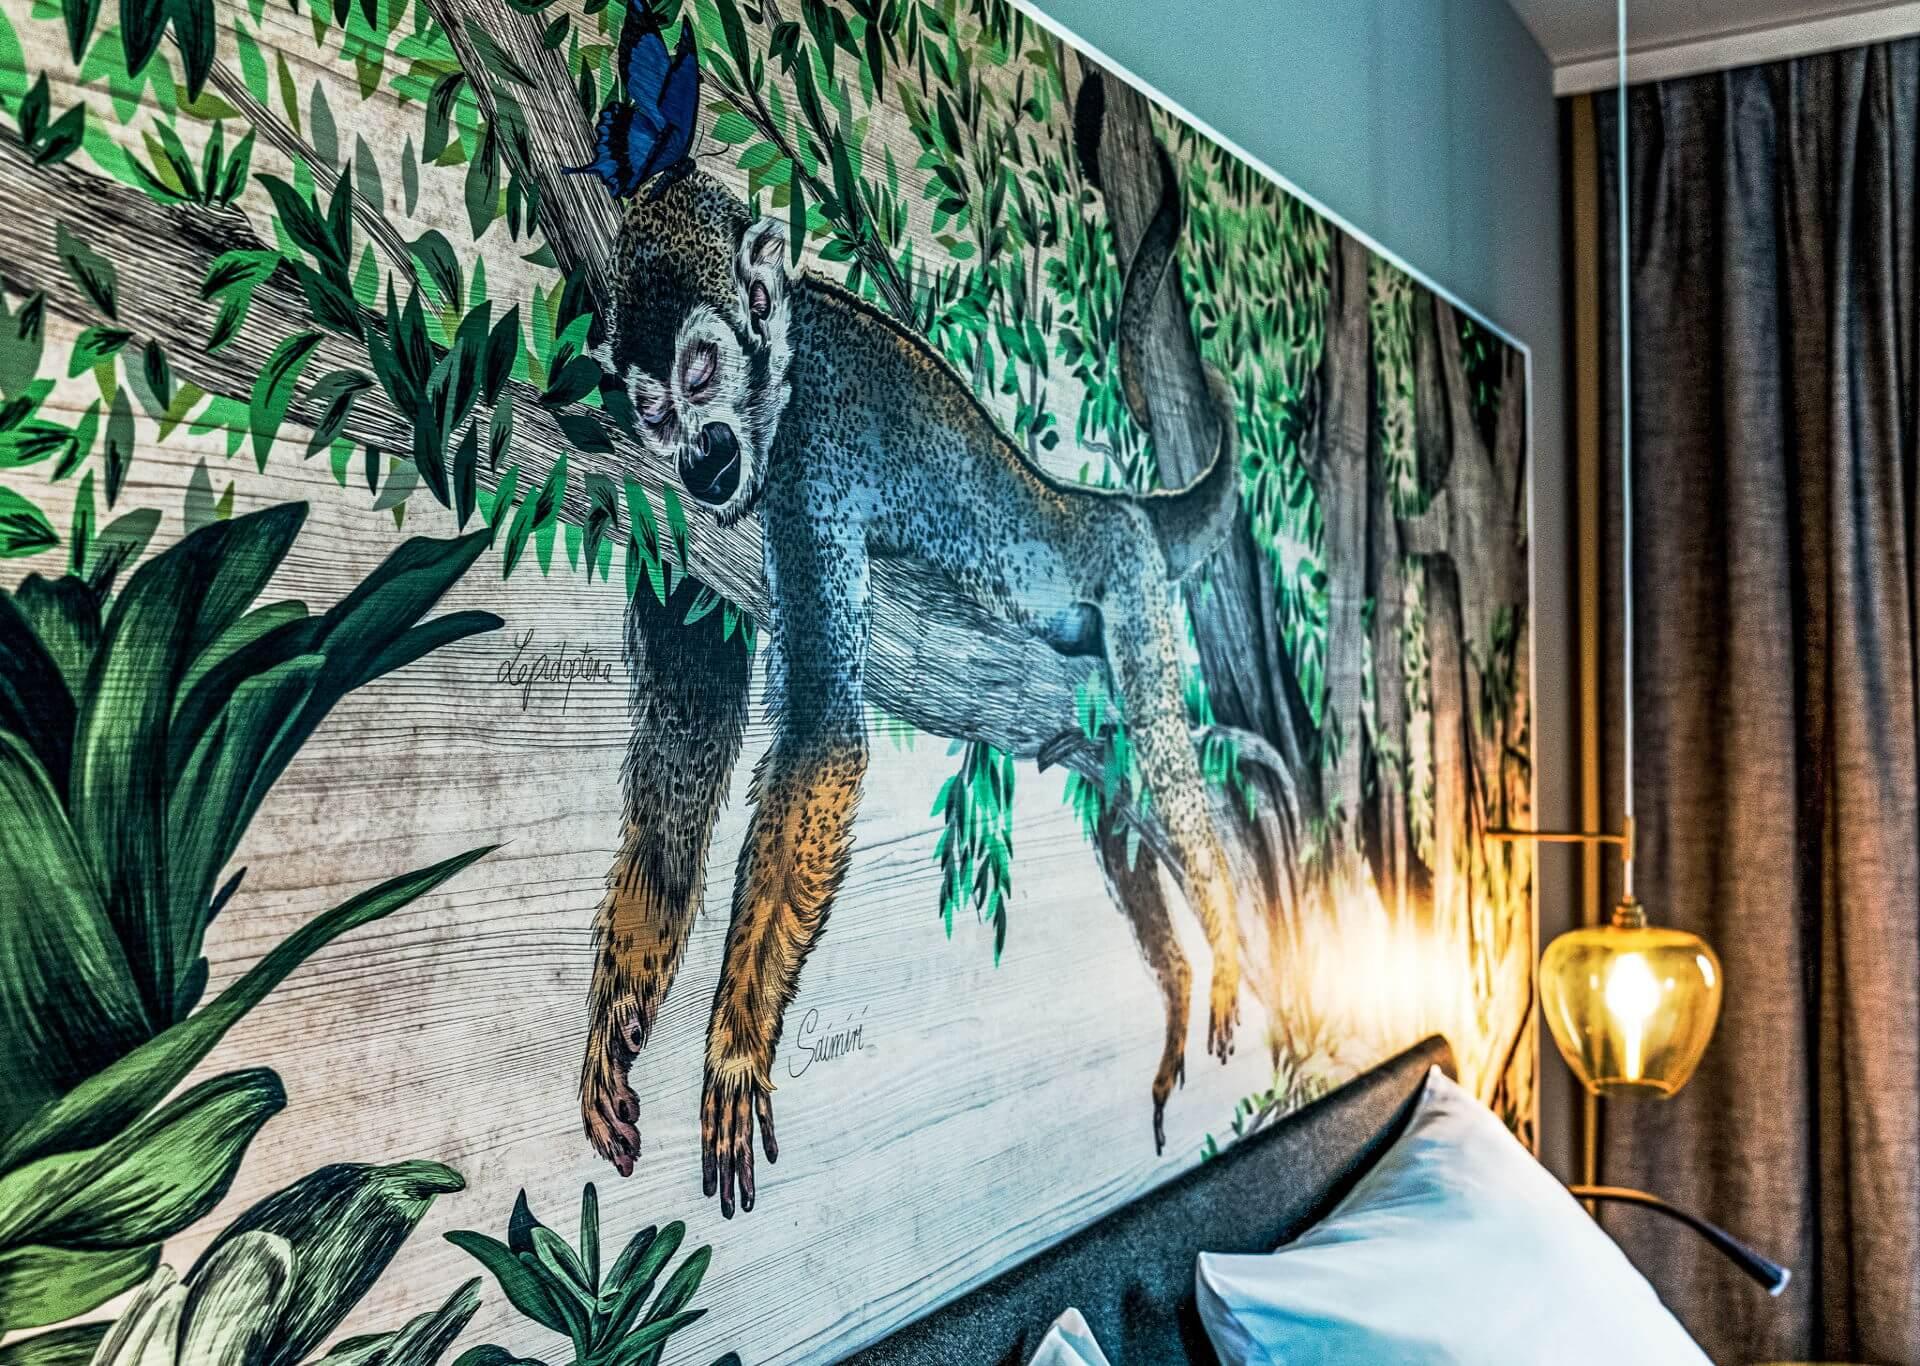 Restaurant and Hotel Interior Design